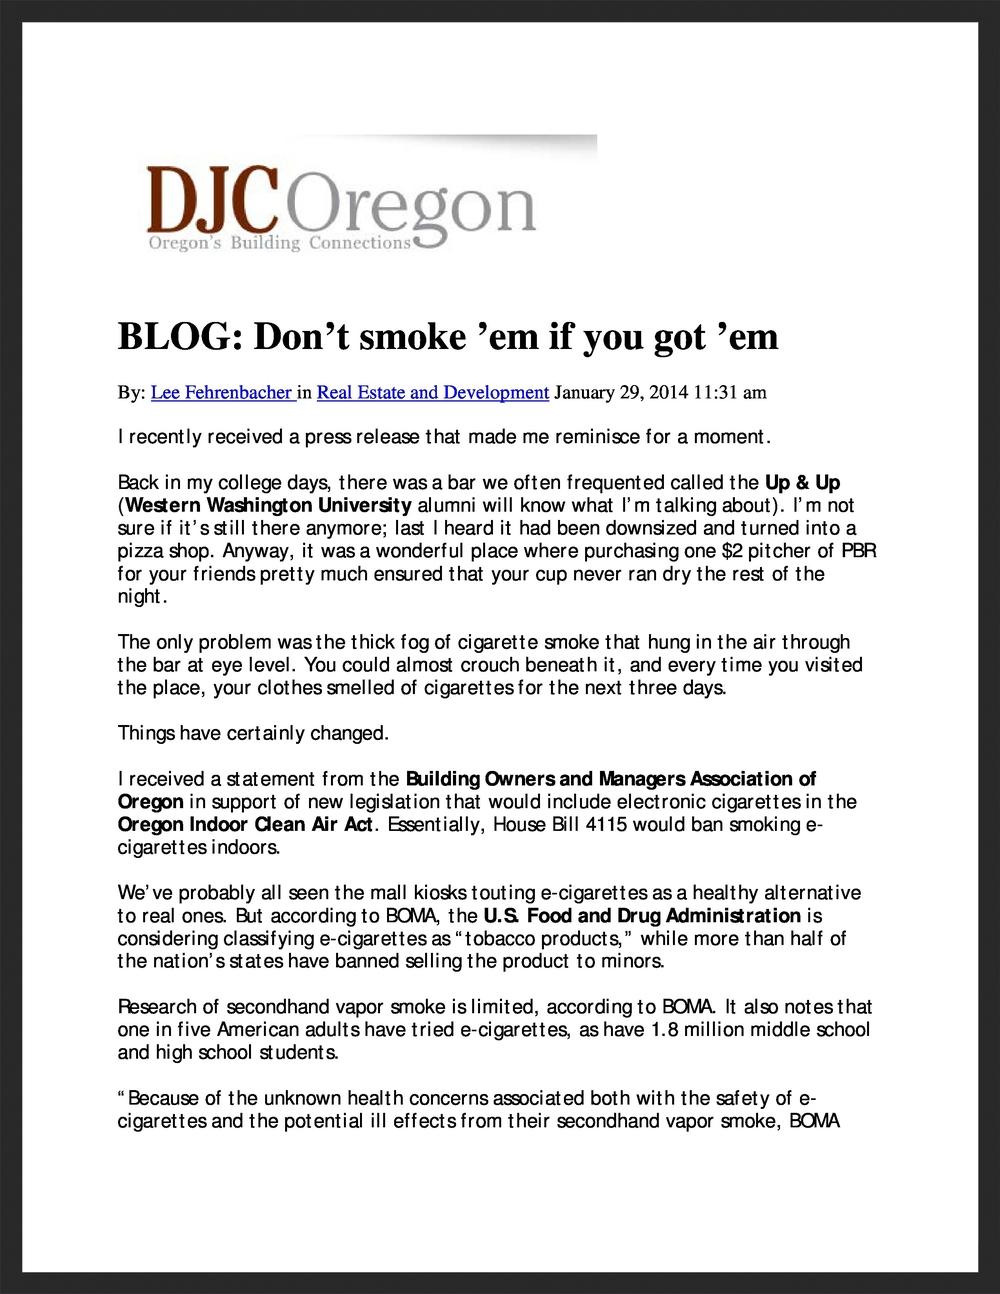 BOMA OREGON   DJC Oregon    01.29.2014